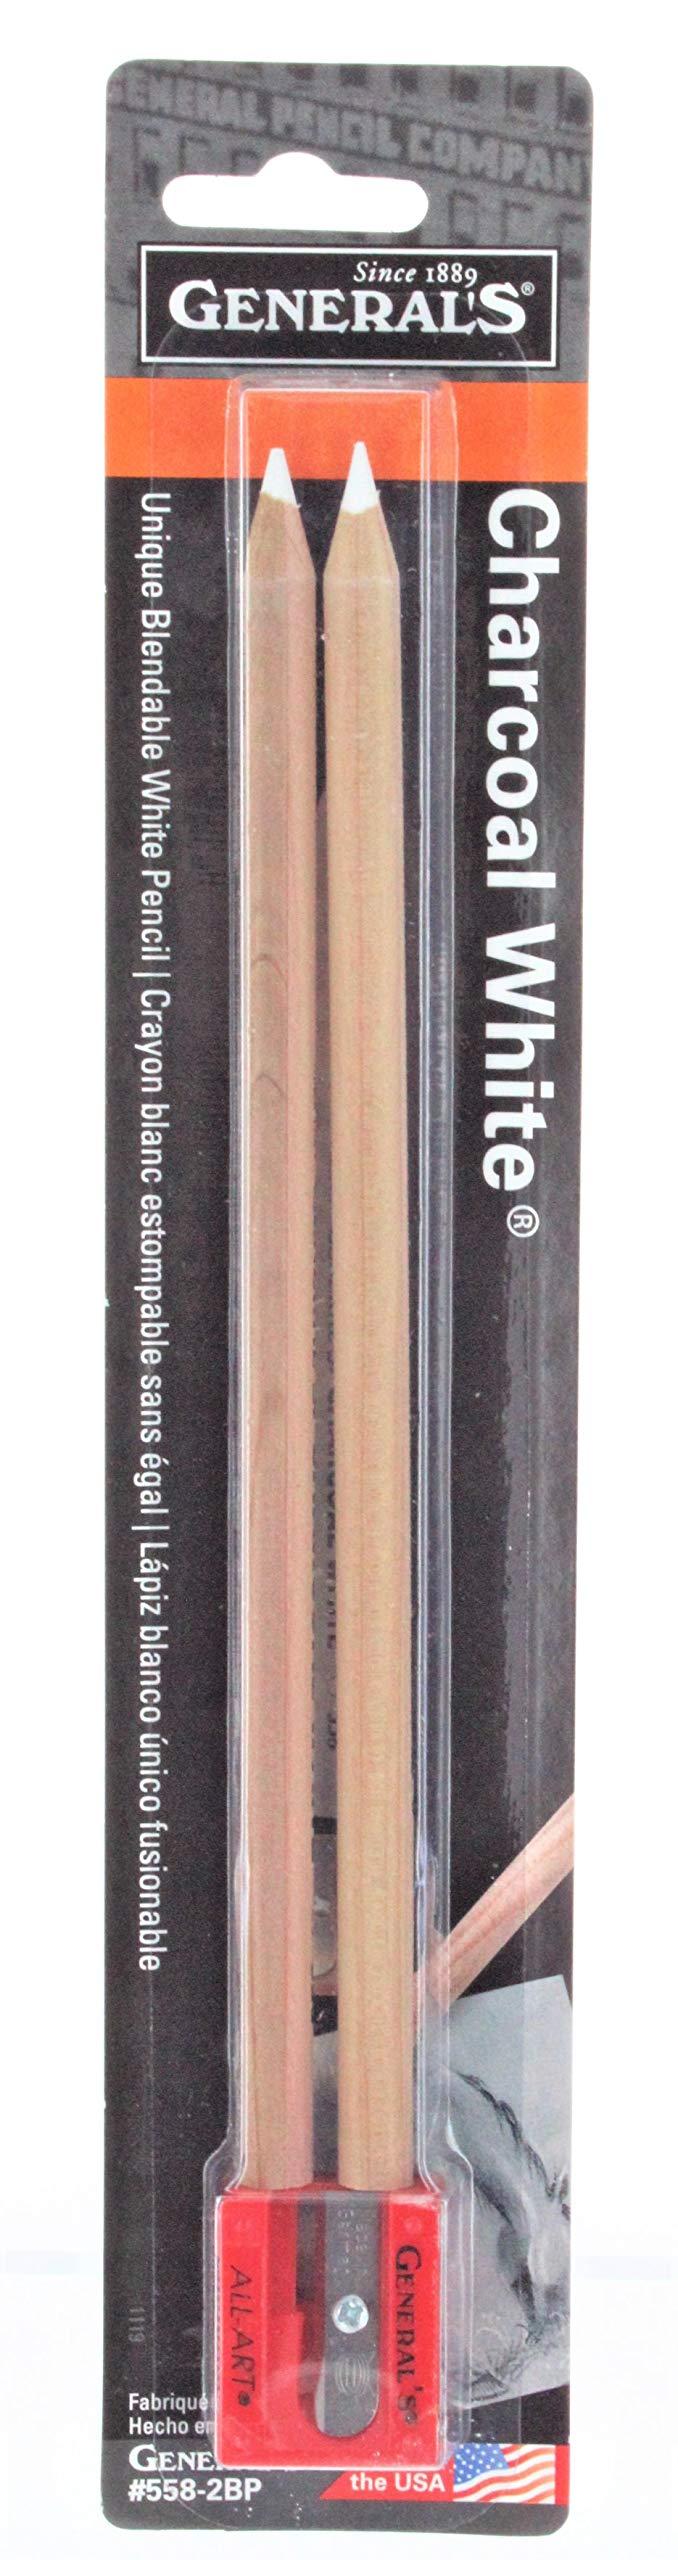 General Pencil Charcoal Pencil